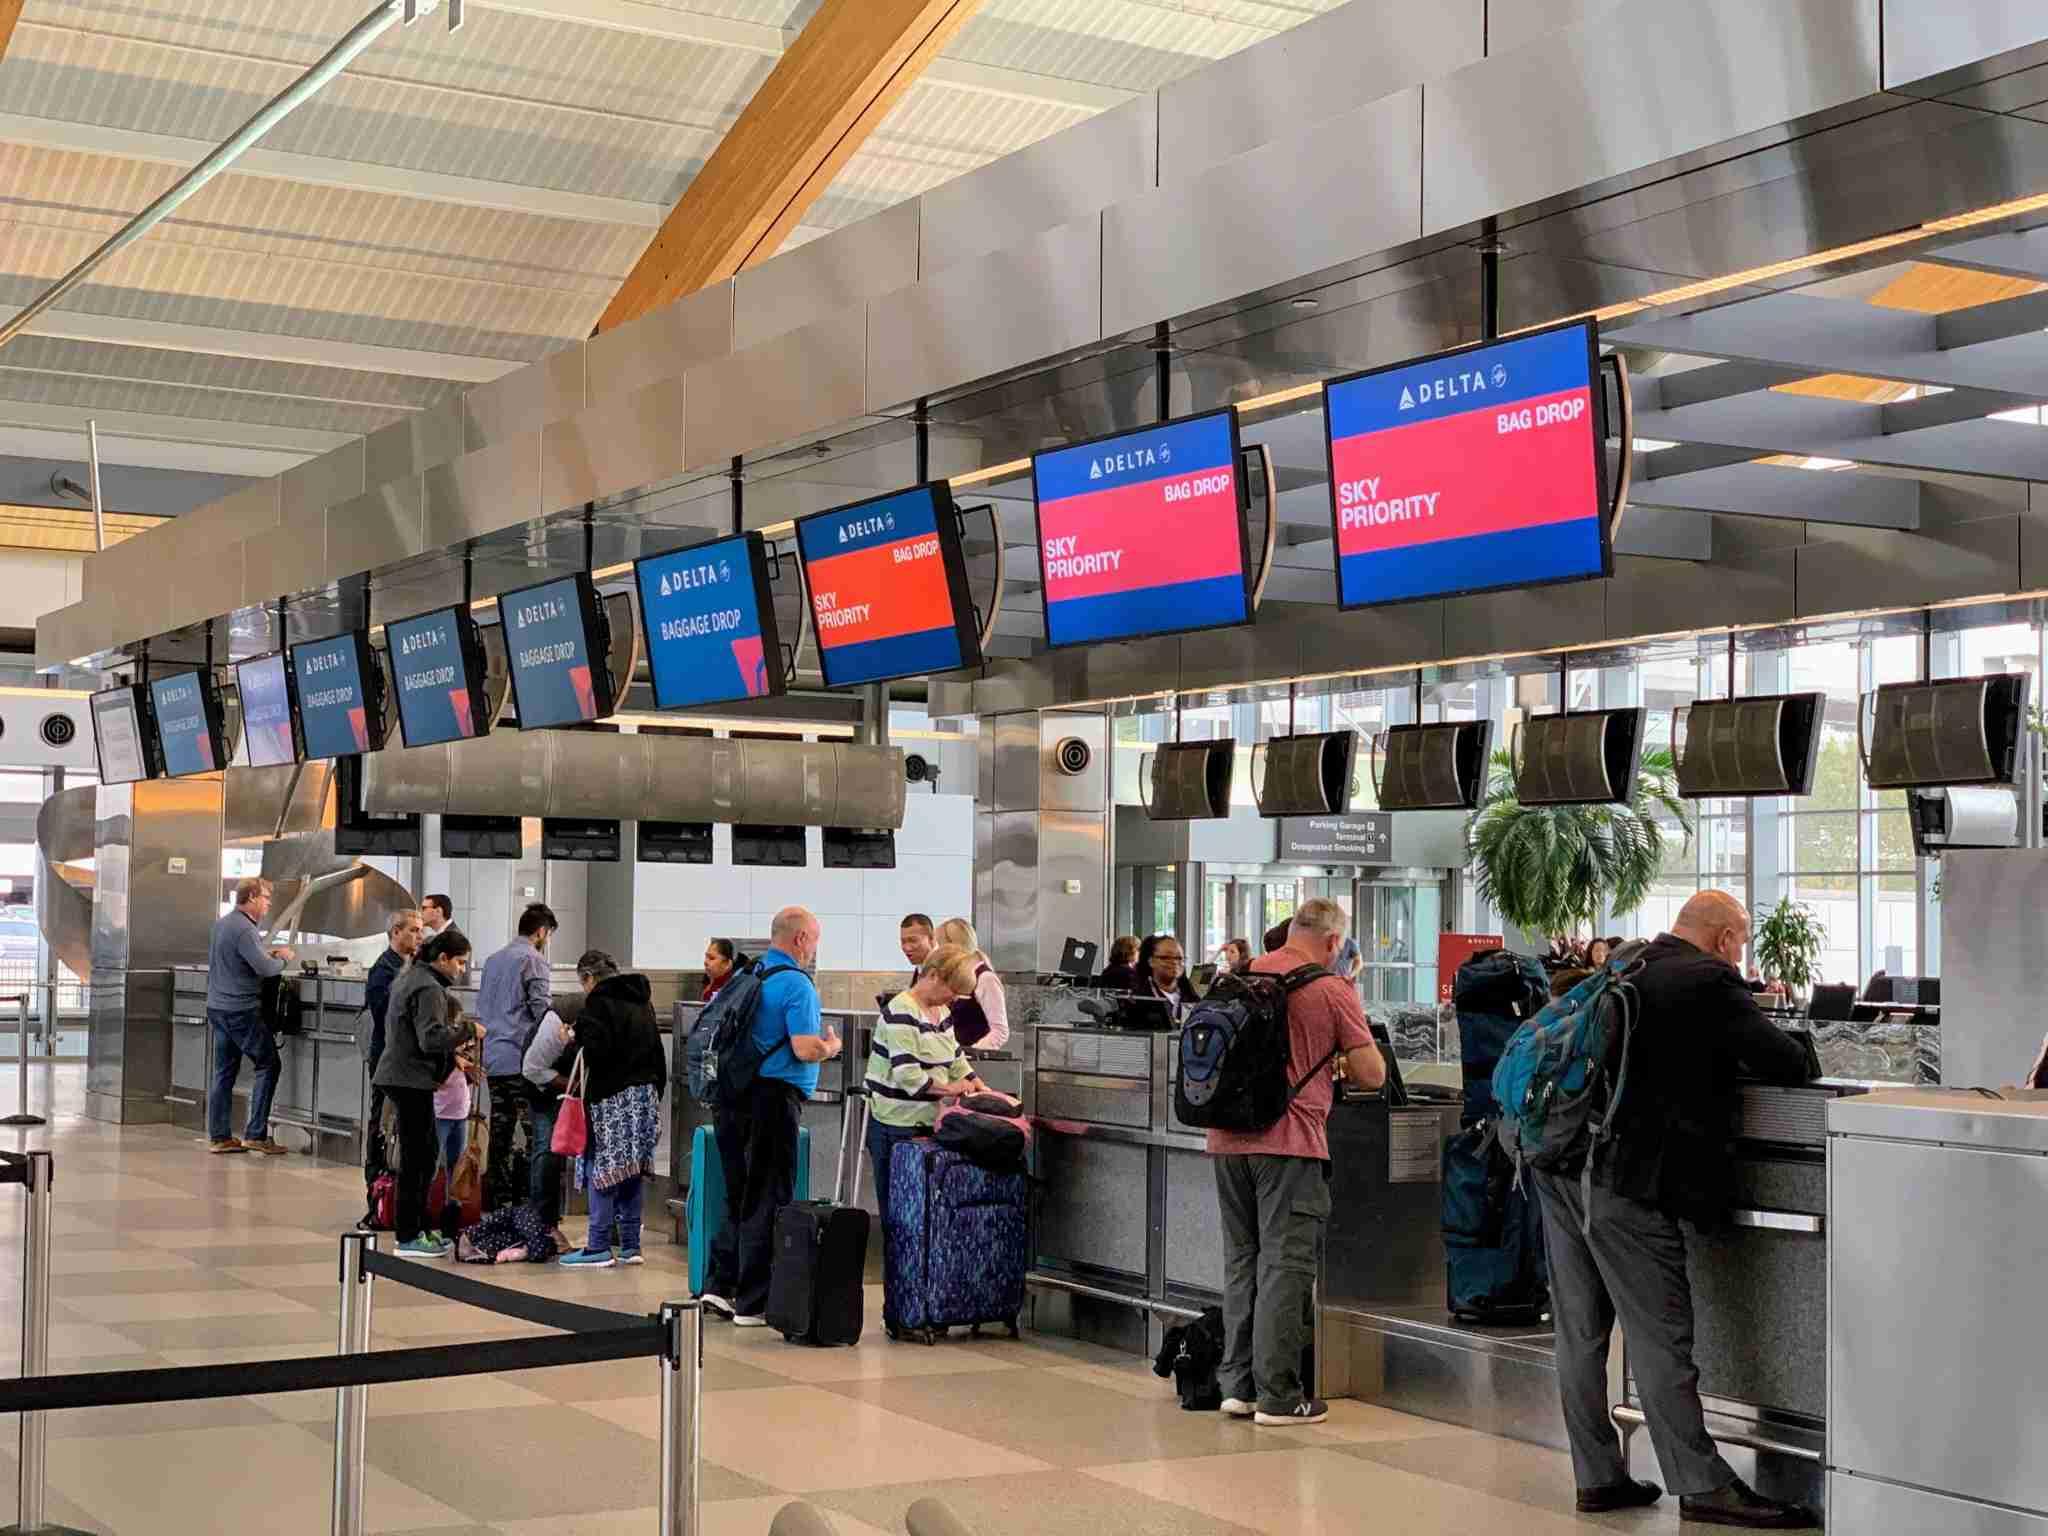 RDU Airport